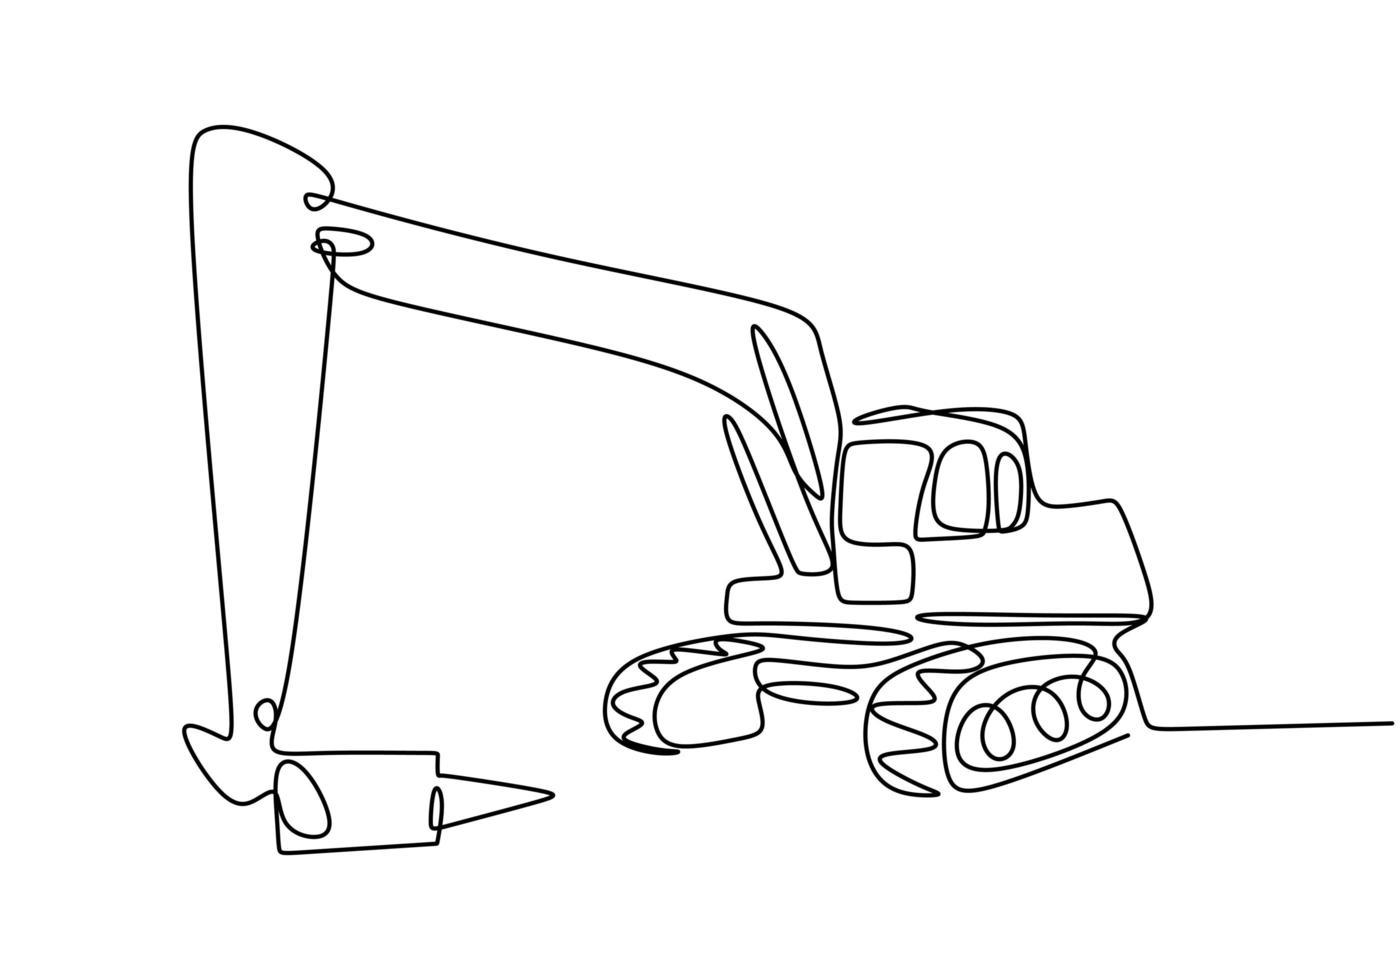 durchgehende Strichzeichnungen oder eine Strichzeichnung eines Baggerfahrzeugs. vektor